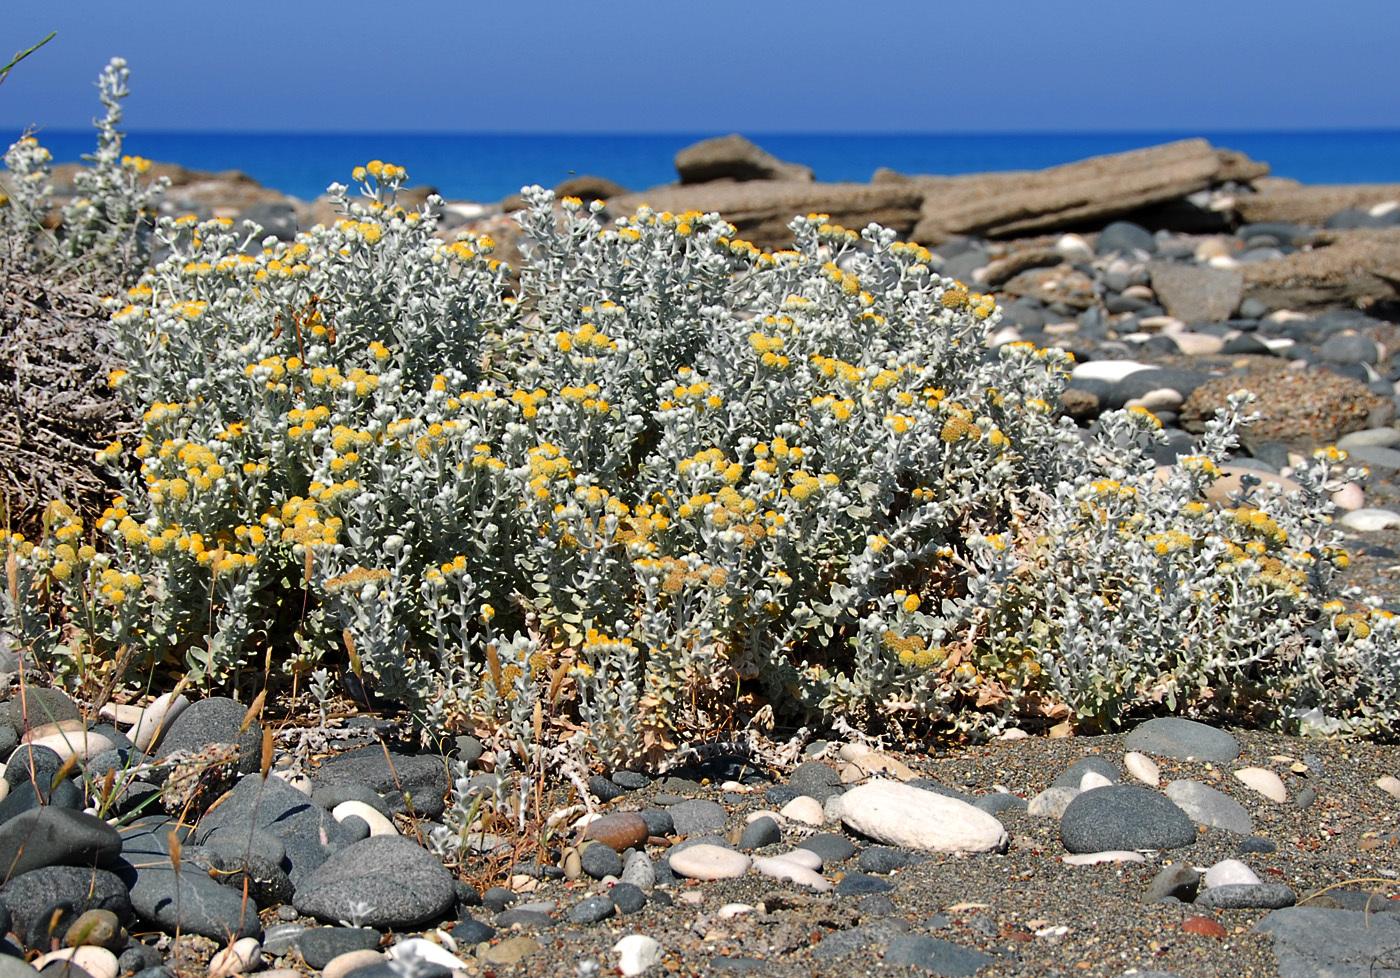 https://pictures.bgbm.org/digilib/Scaler?fn=Cyprus/Achillea_maritima_s_maritima_A1.jpg&mo=file